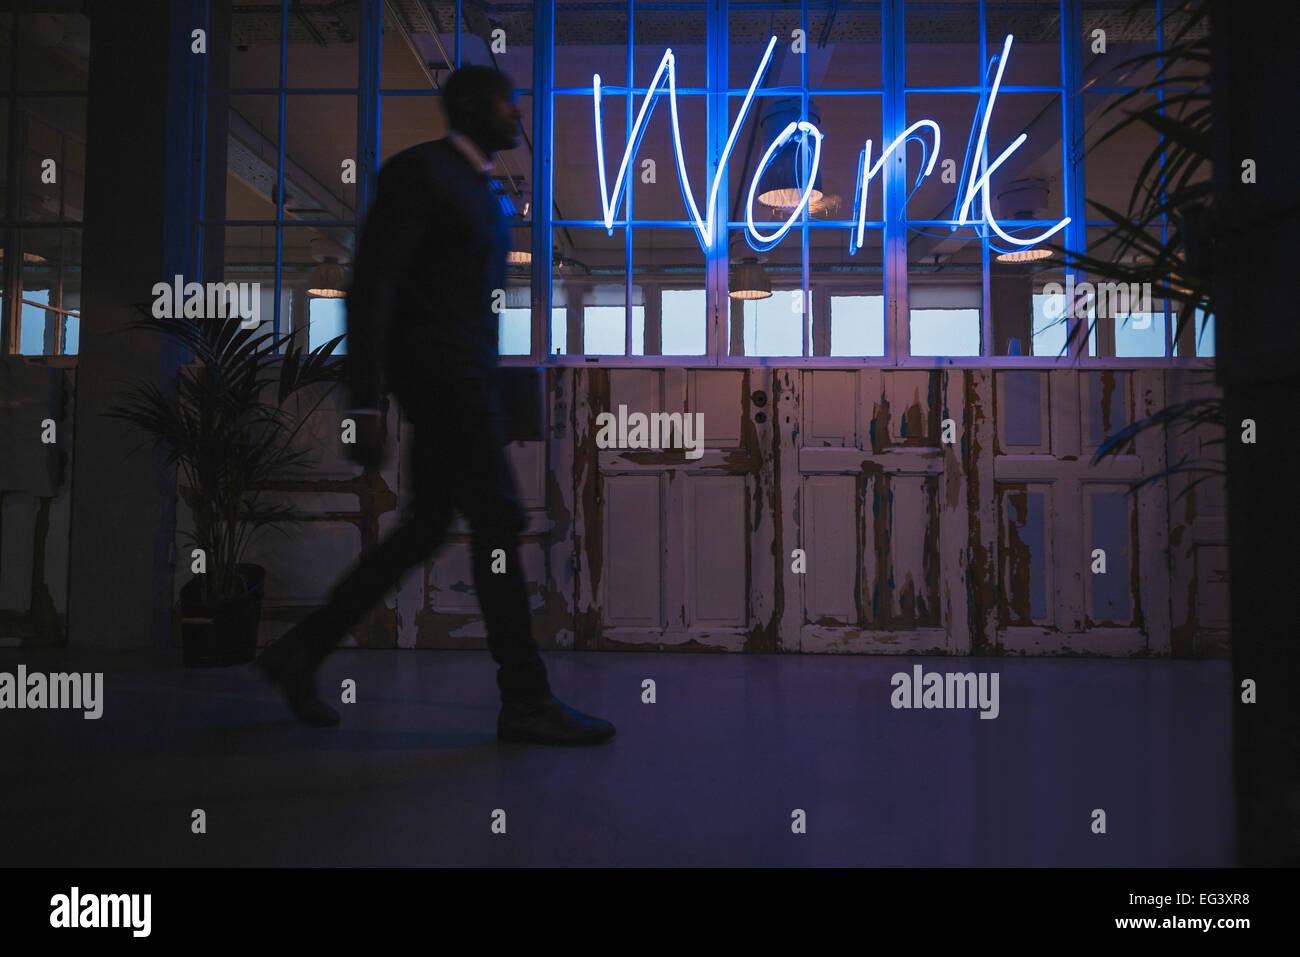 El corredor de la oficina moderna con joven caminando por ahí. Gran trabajo de luz de neón signo. Imagen De Stock